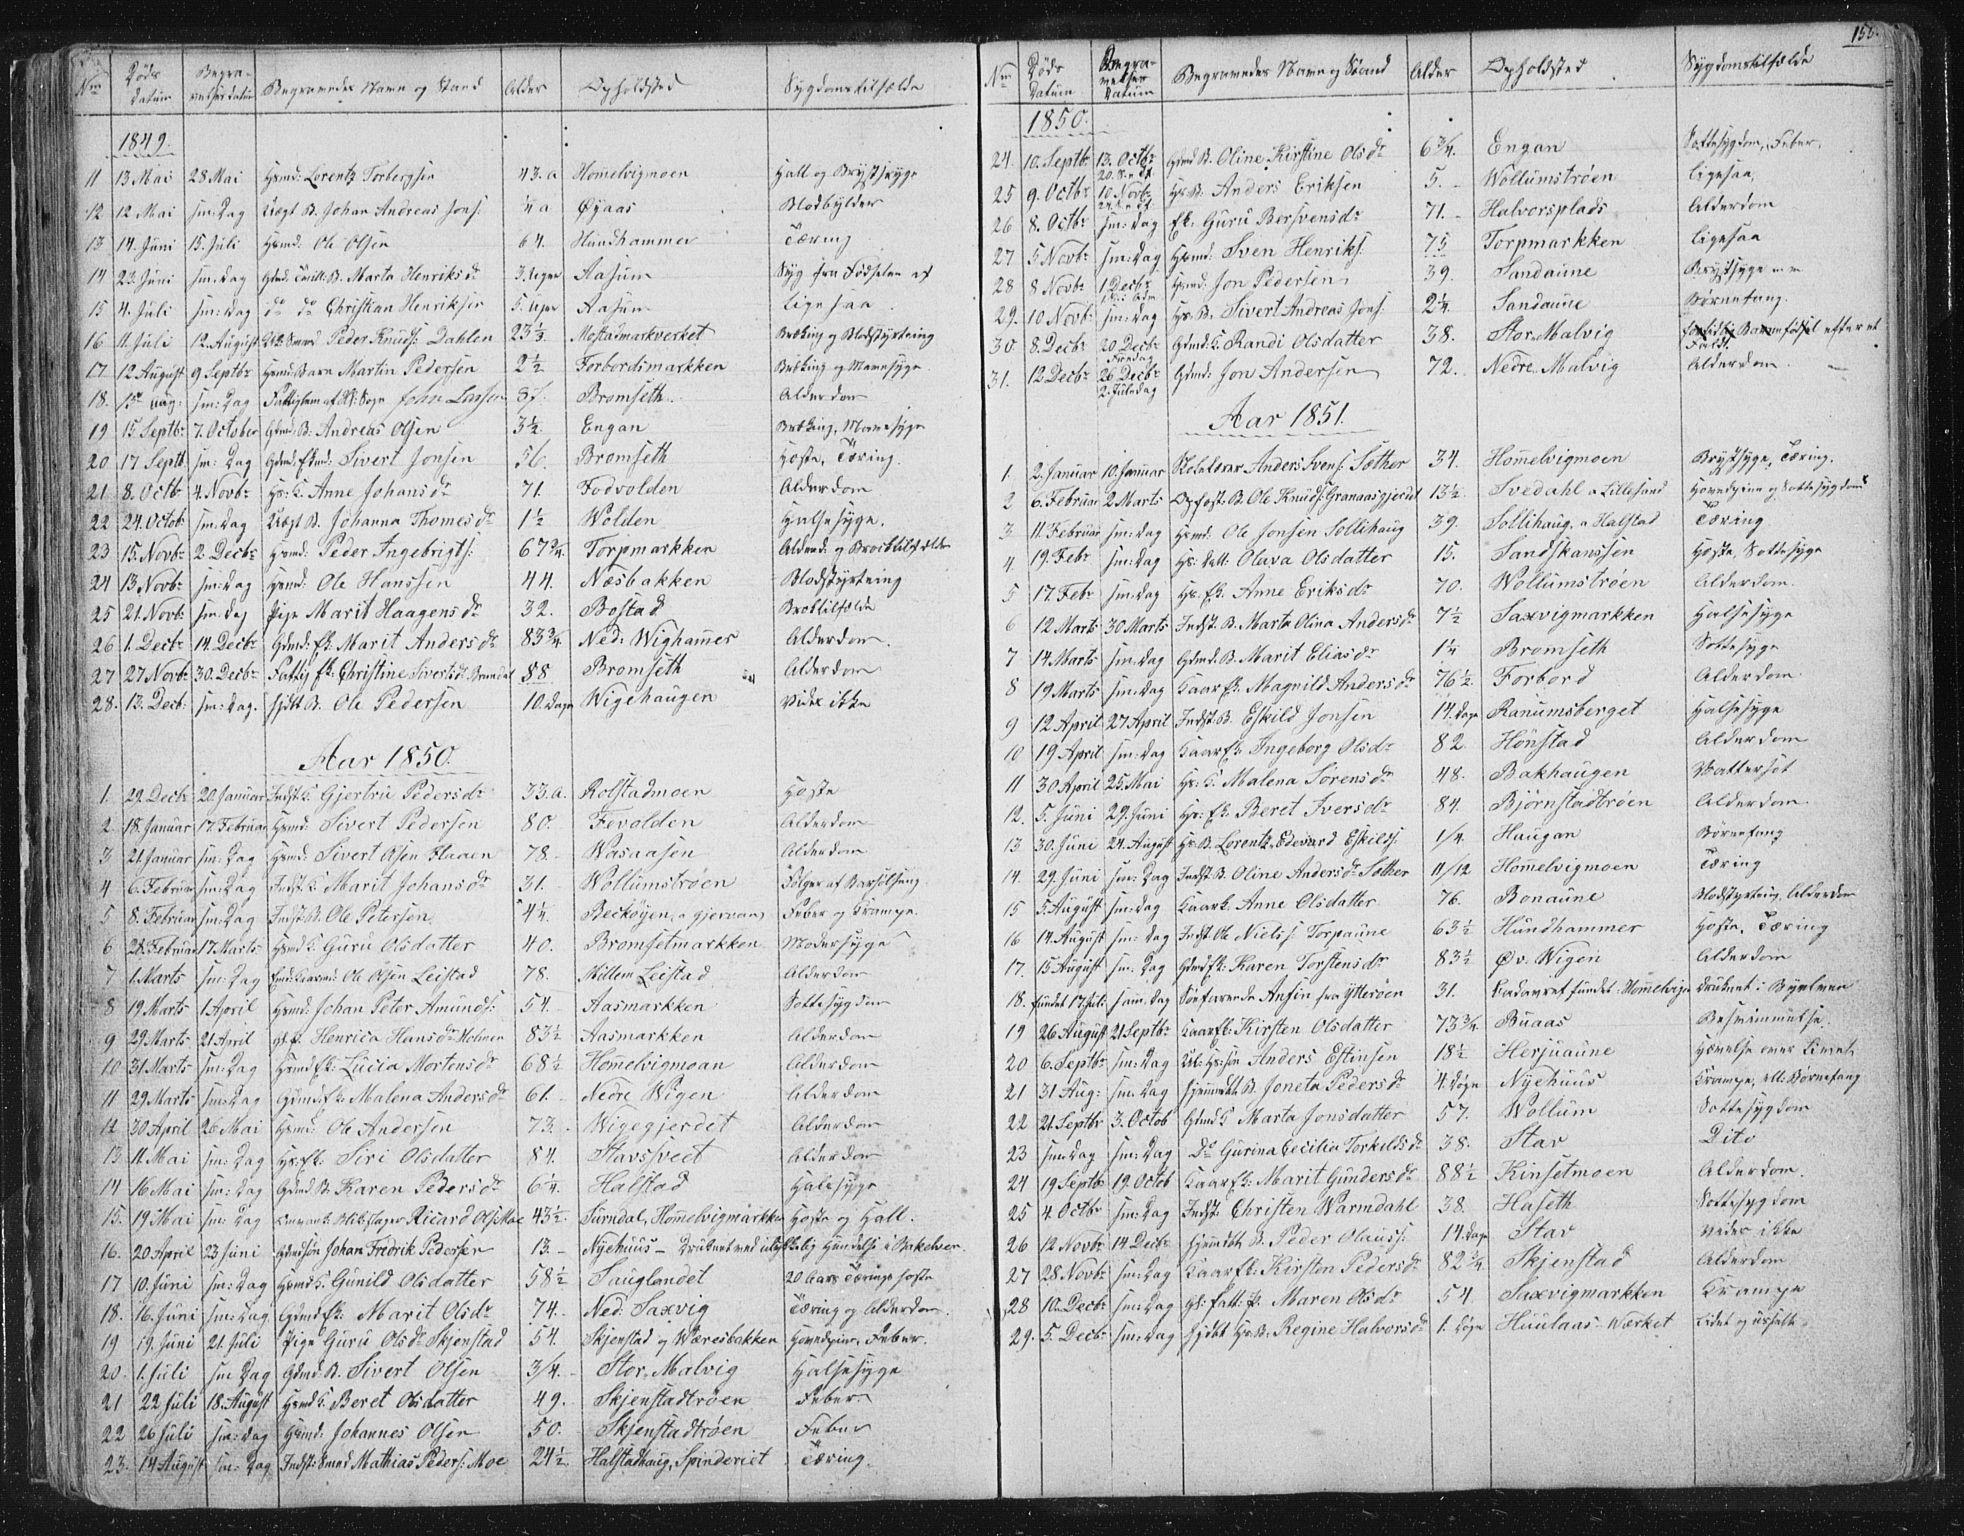 SAT, Ministerialprotokoller, klokkerbøker og fødselsregistre - Sør-Trøndelag, 616/L0406: Ministerialbok nr. 616A03, 1843-1879, s. 155